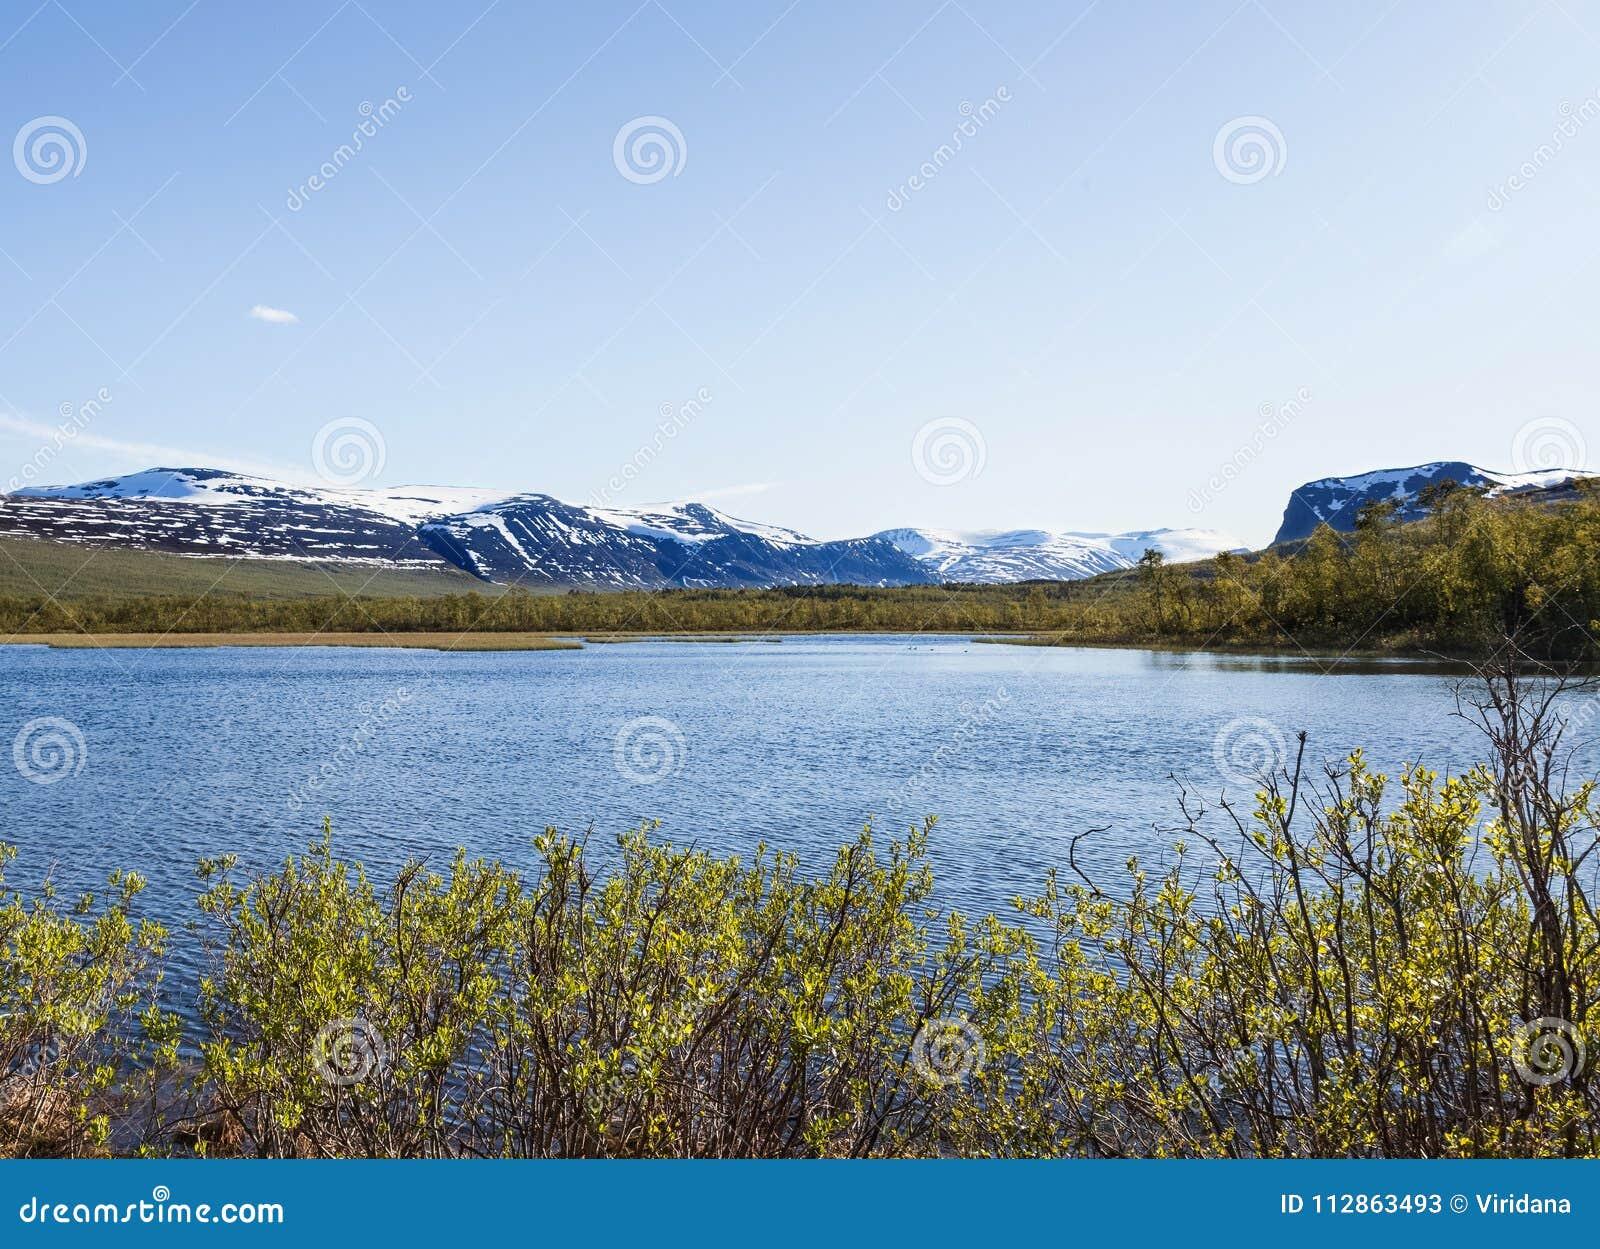 Άποψη από Nikkaloukta προς την υψηλότερη σειρά βουνών της Σουηδίας ` s με Kebnekaise ως υψηλότερη αιχμή